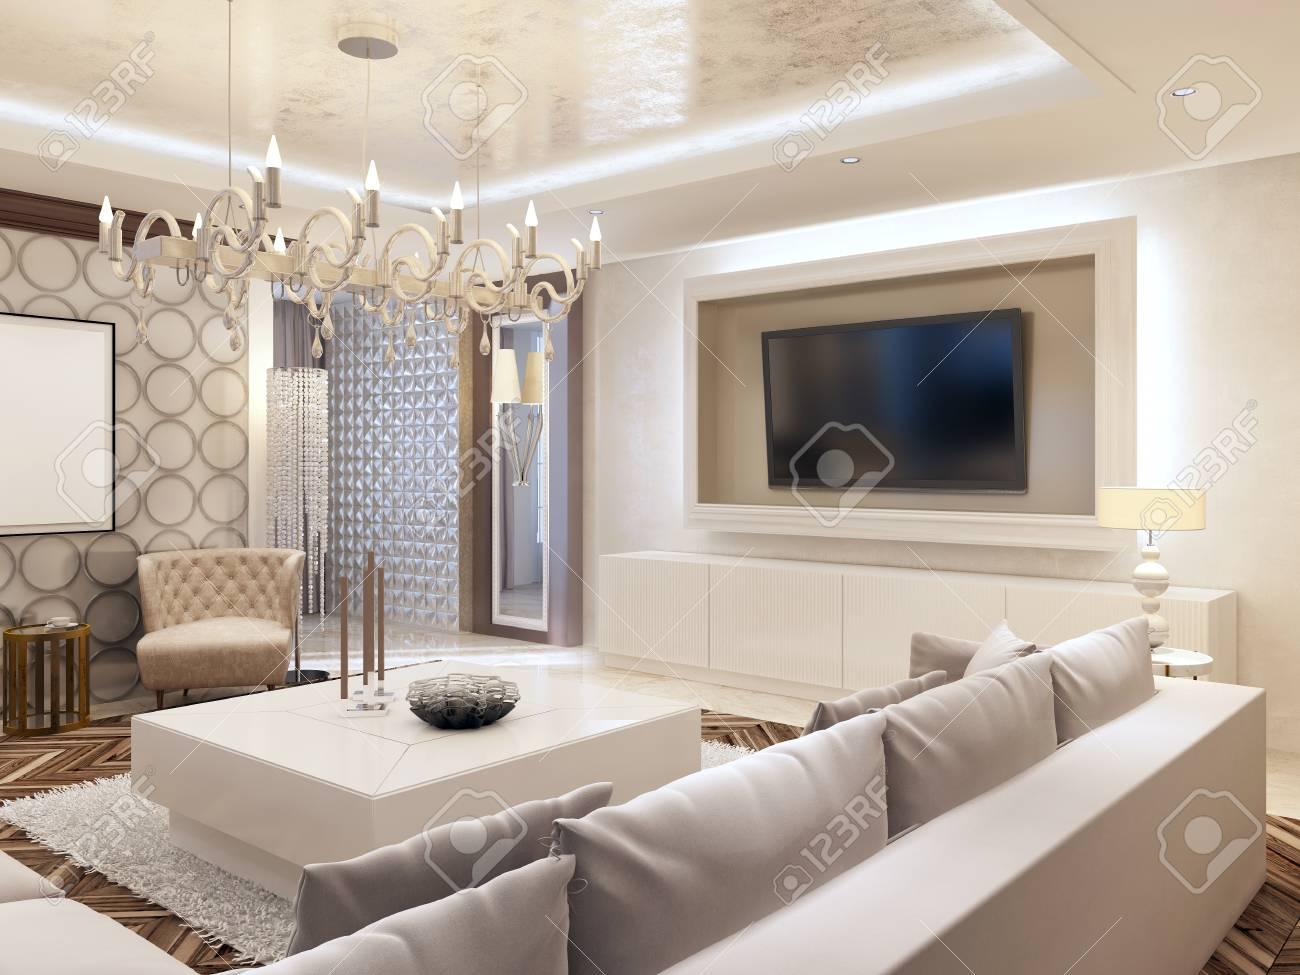 Moderne woonkamer in witte kleuren met geïntegreerde opslag voor